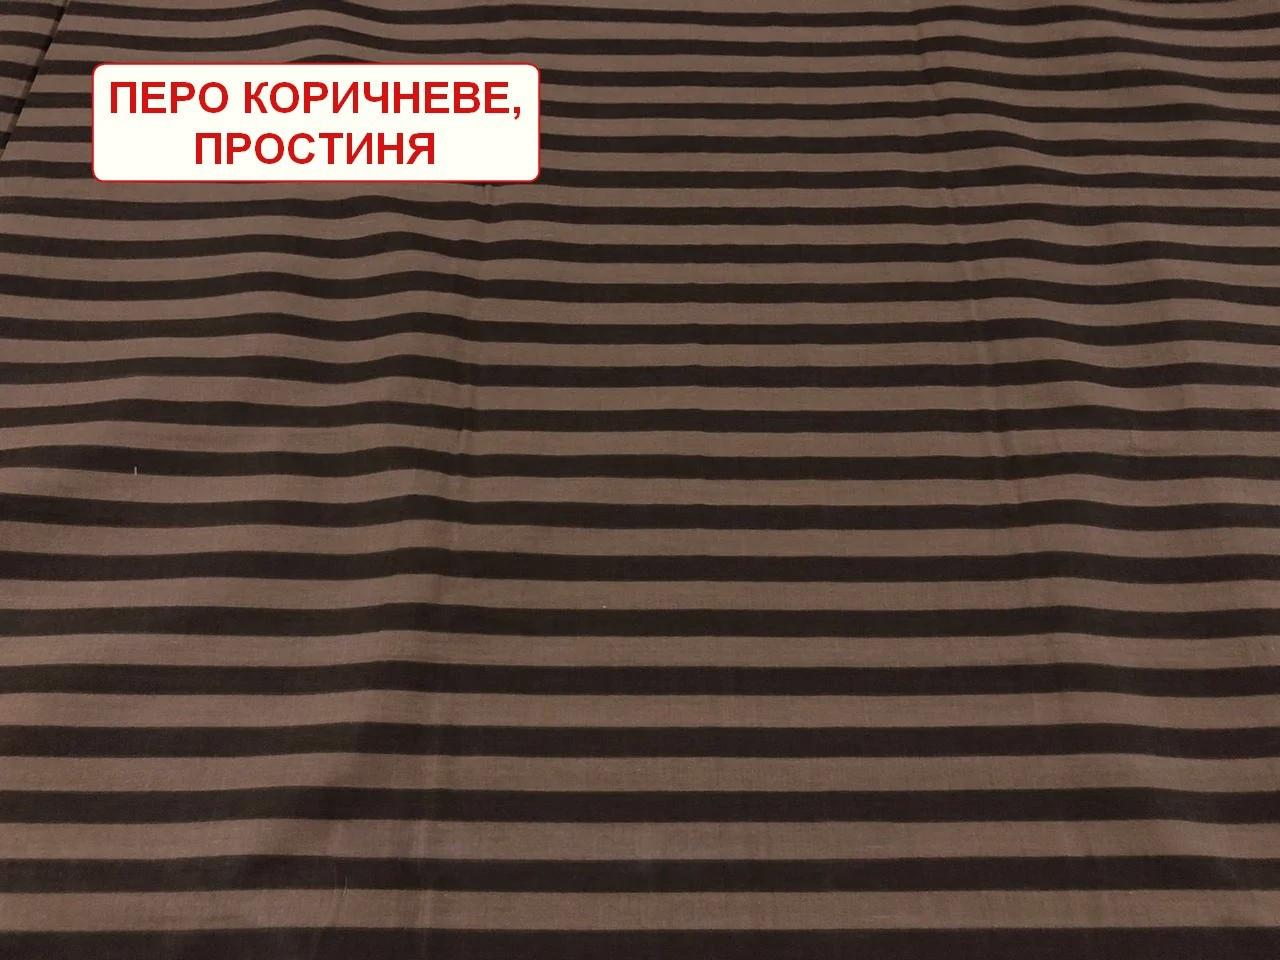 Двоспальне простирадло на резинці - Перо коричневе, низ